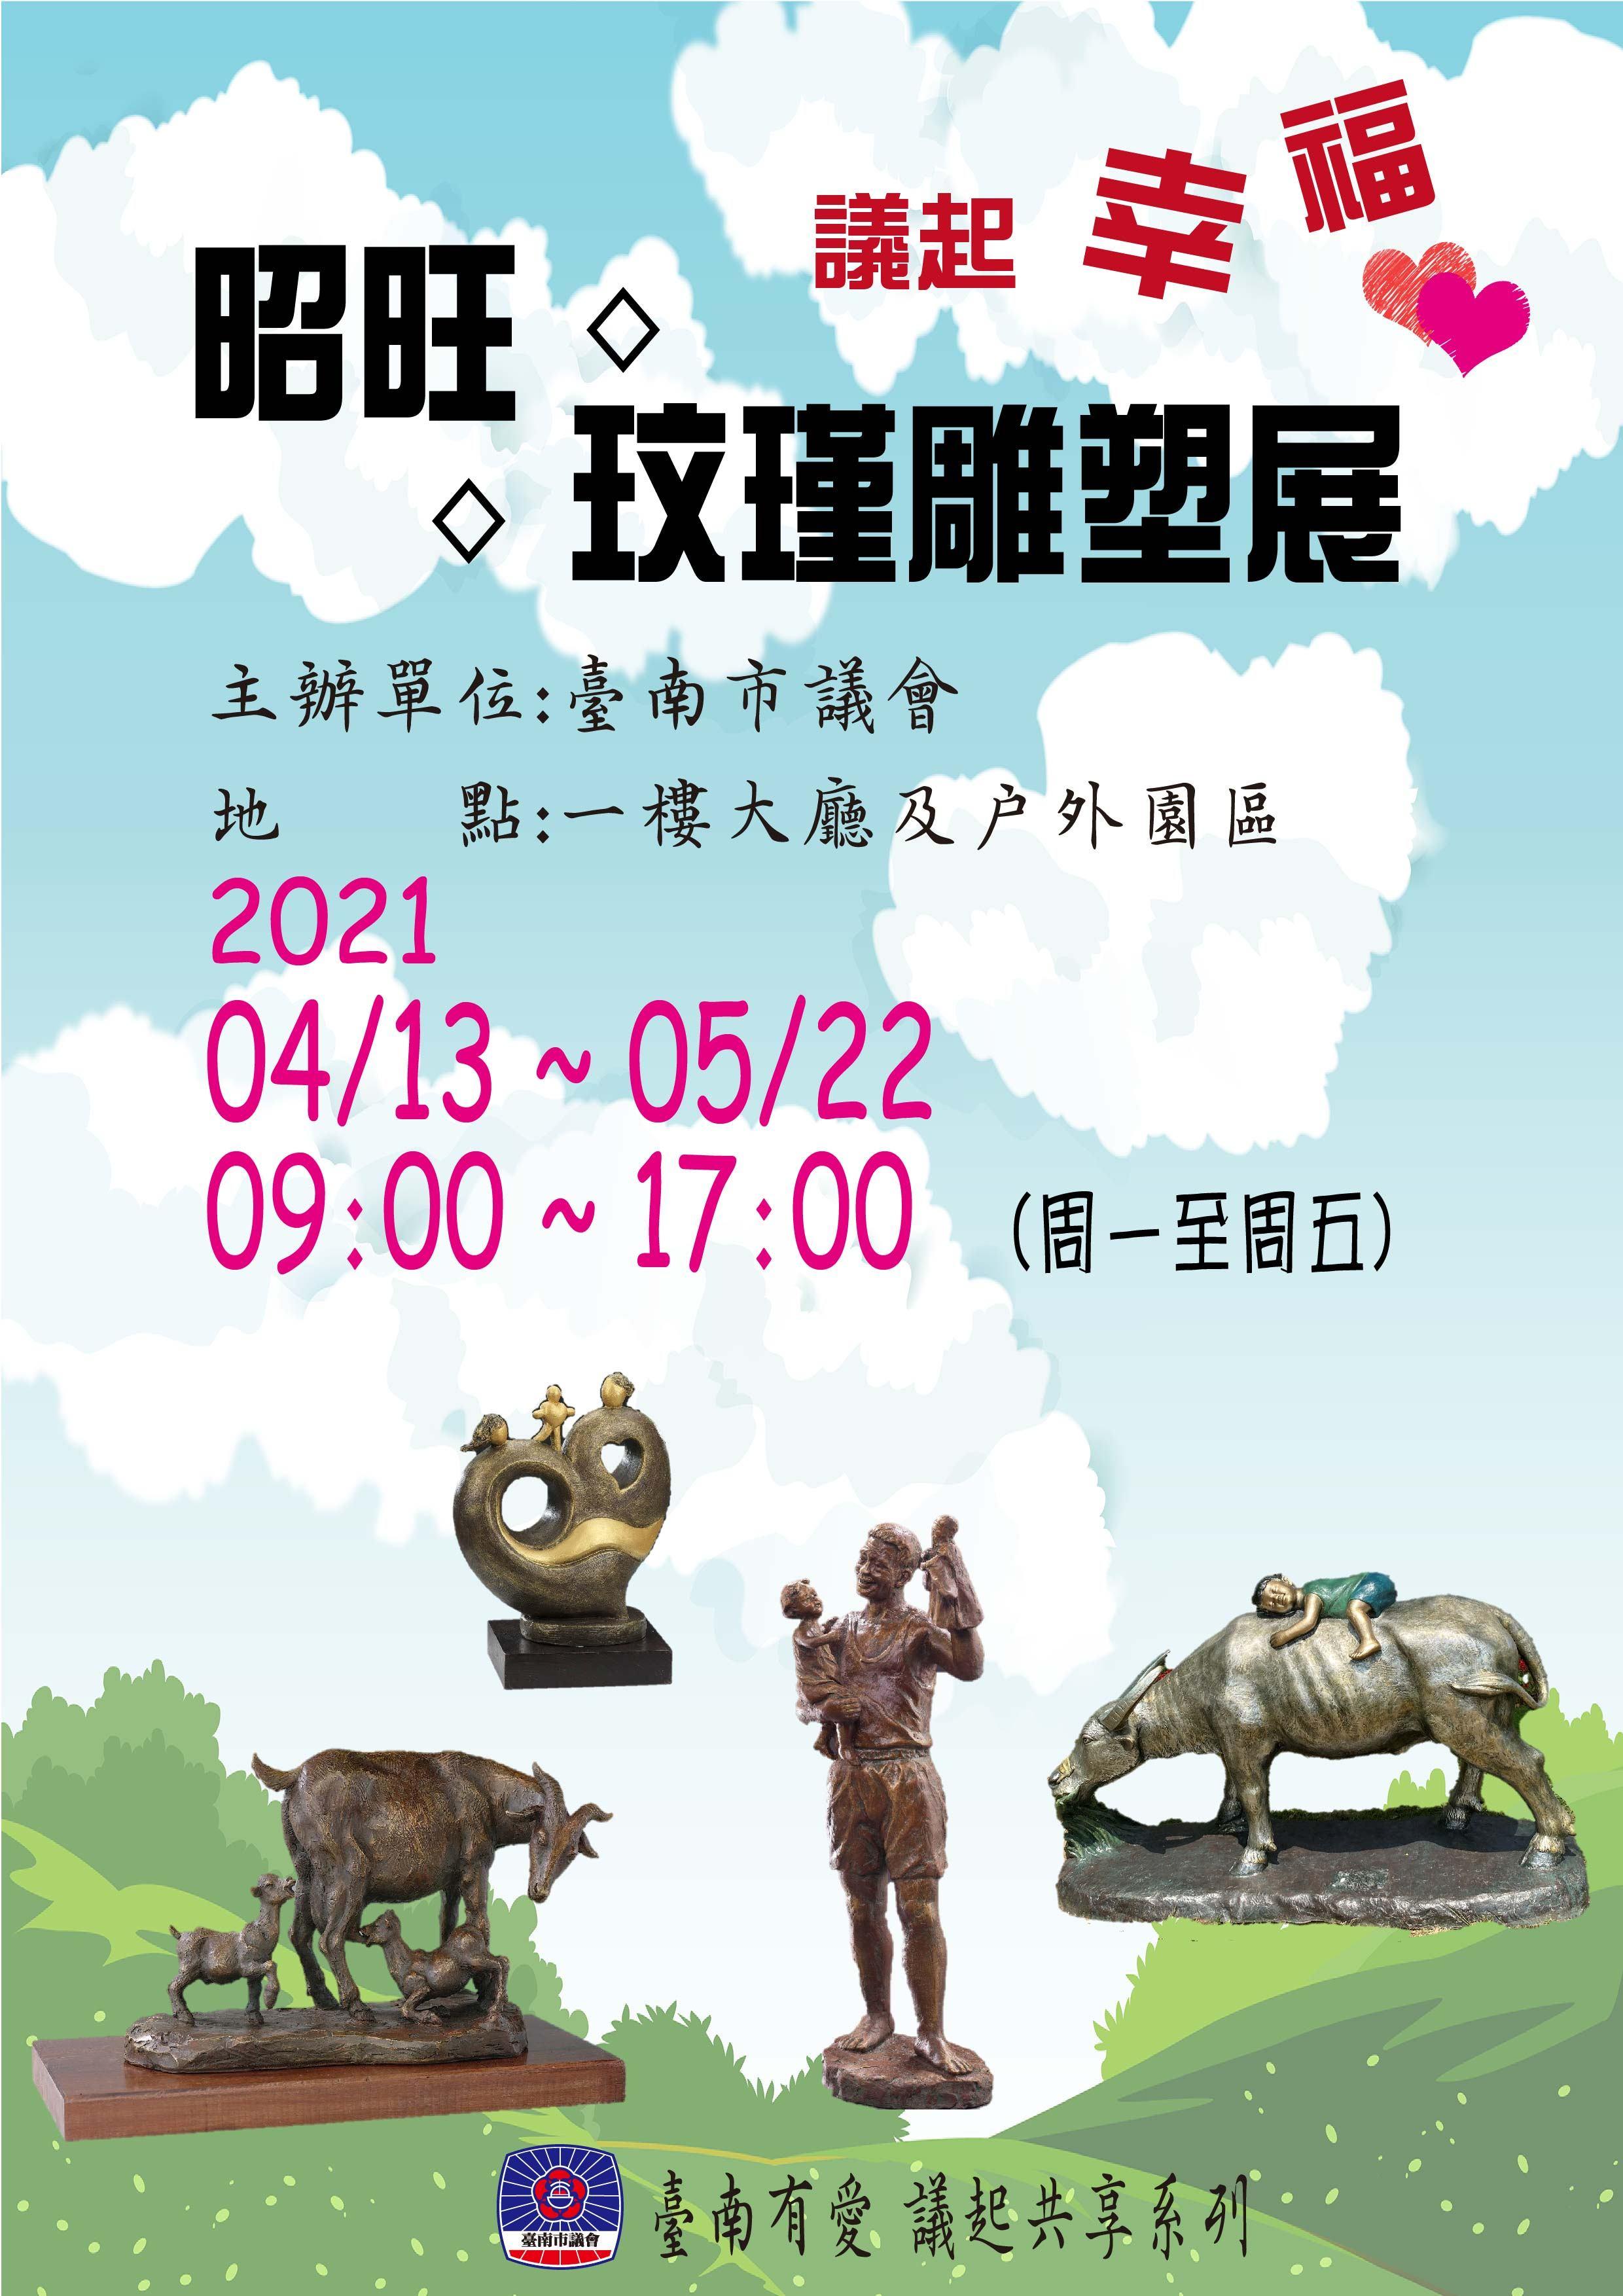 「議起幸福 昭旺 玟瑾雕塑展」海報